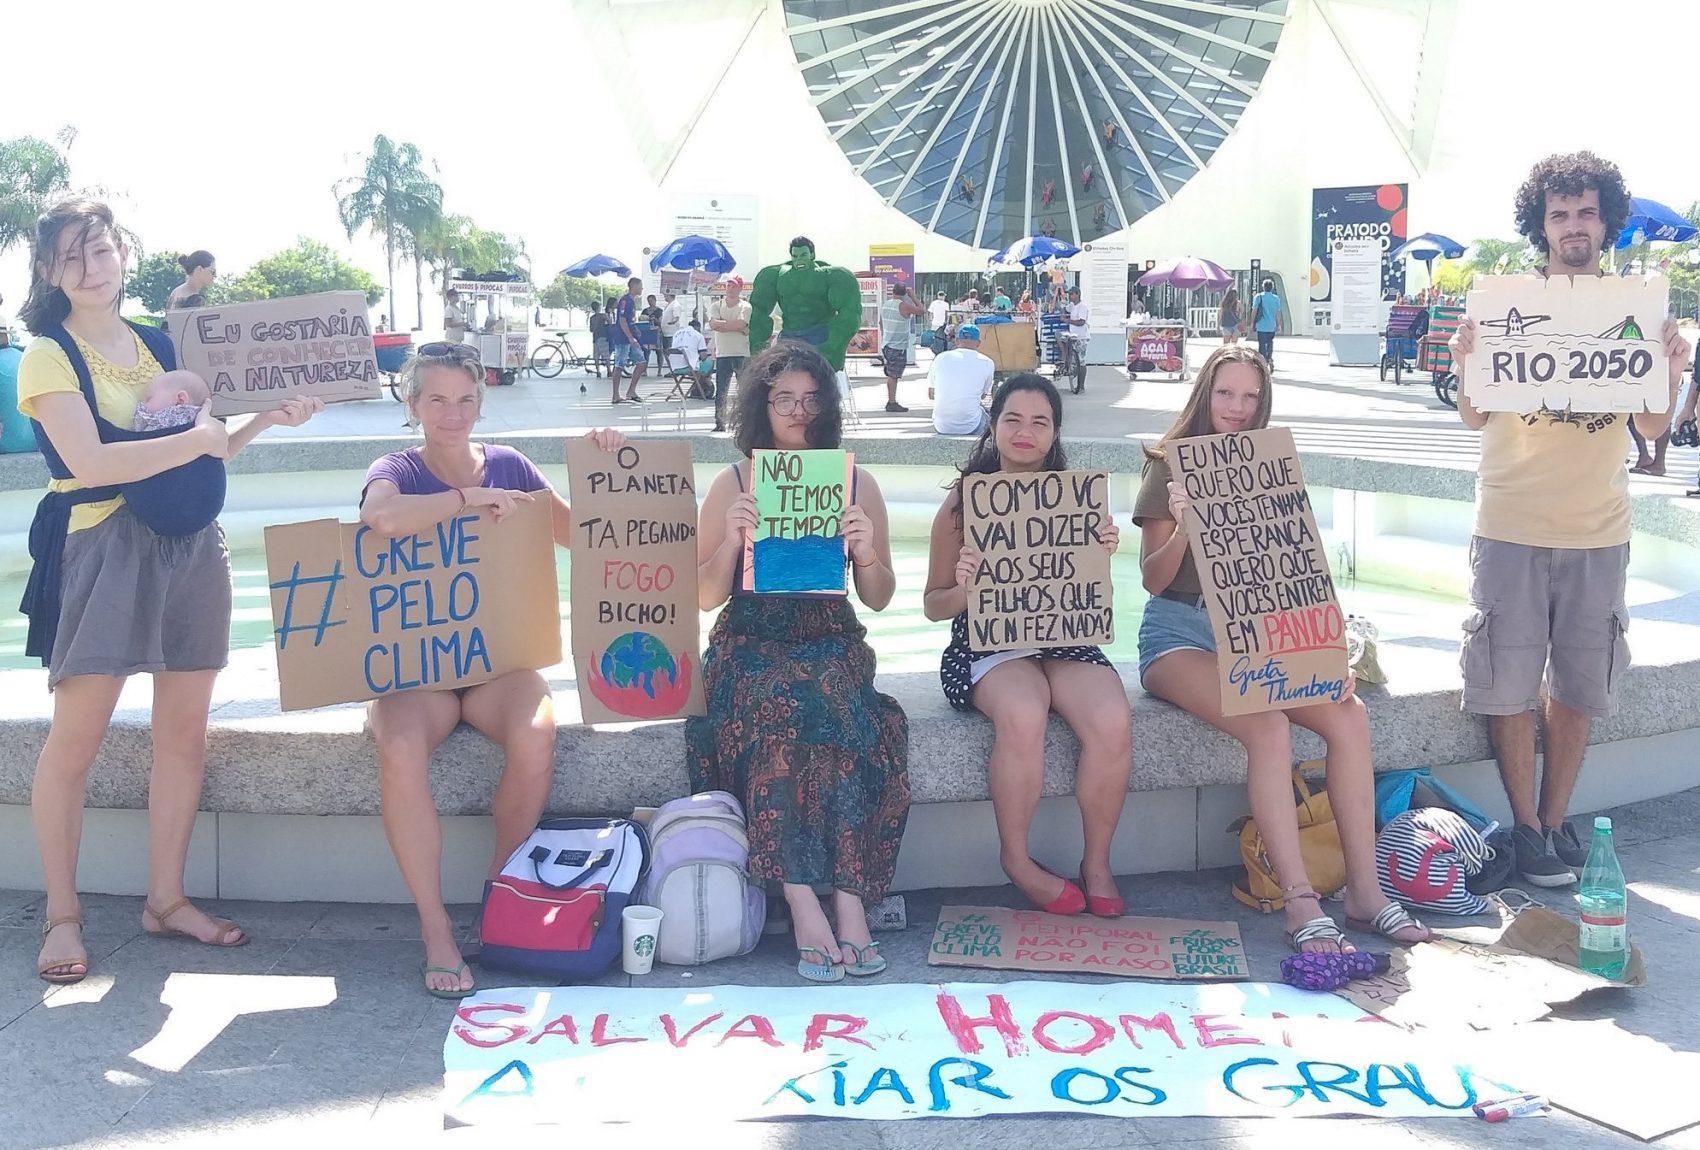 Ato da Fridays For Future em frente ao Museu do Amanhã: ativistas se reúnem todas as sextas para pedir pelo clima (Foto: Divulgação)